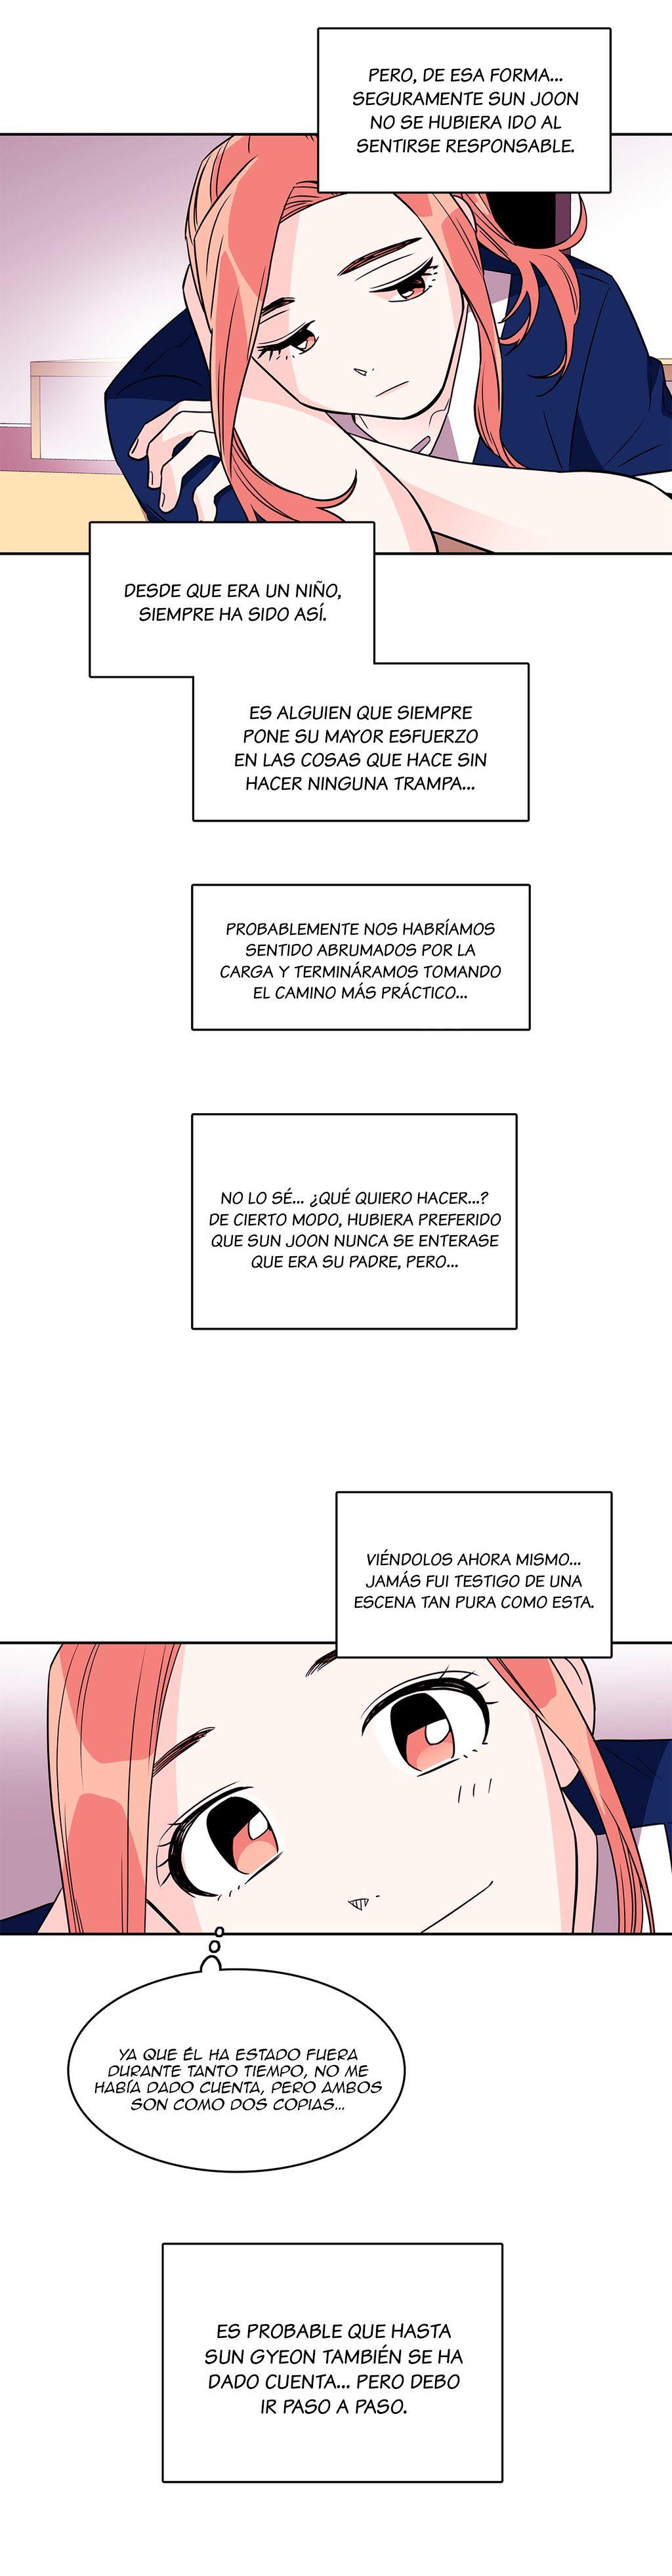 http://c5.ninemanga.com/es_manga/pic2/51/19443/506106/87e372e4c19d97439c2afb5b08d96697.jpg Page 6